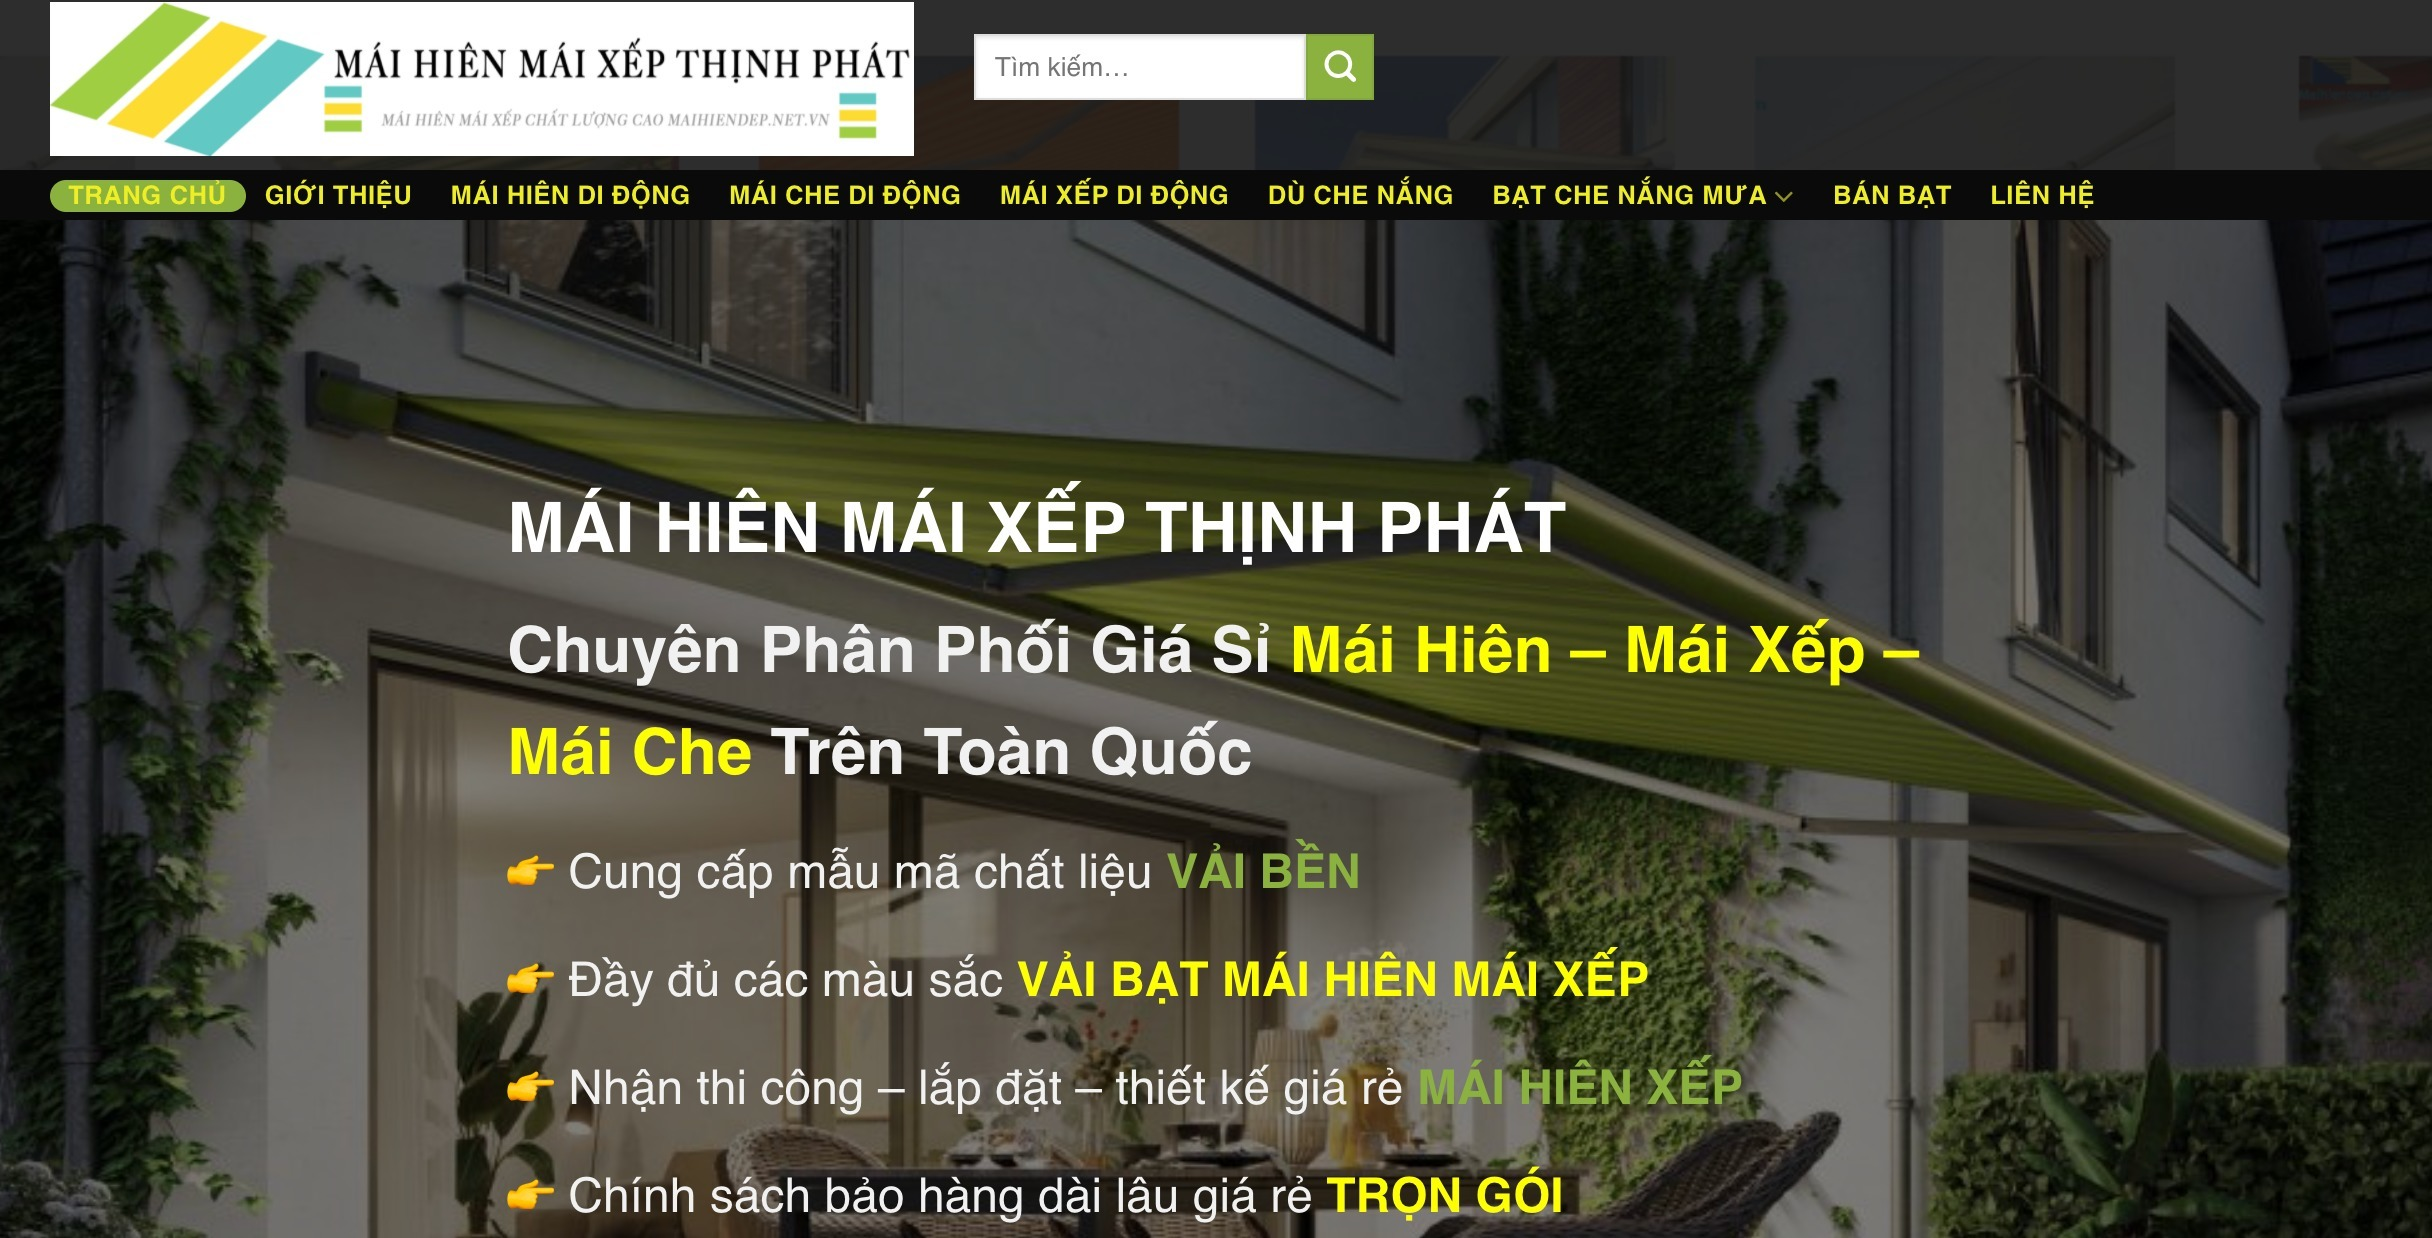 Mái Hiên Mái Xếp Thịnh Phát (@maihienmaixepthinhphat) Cover Image